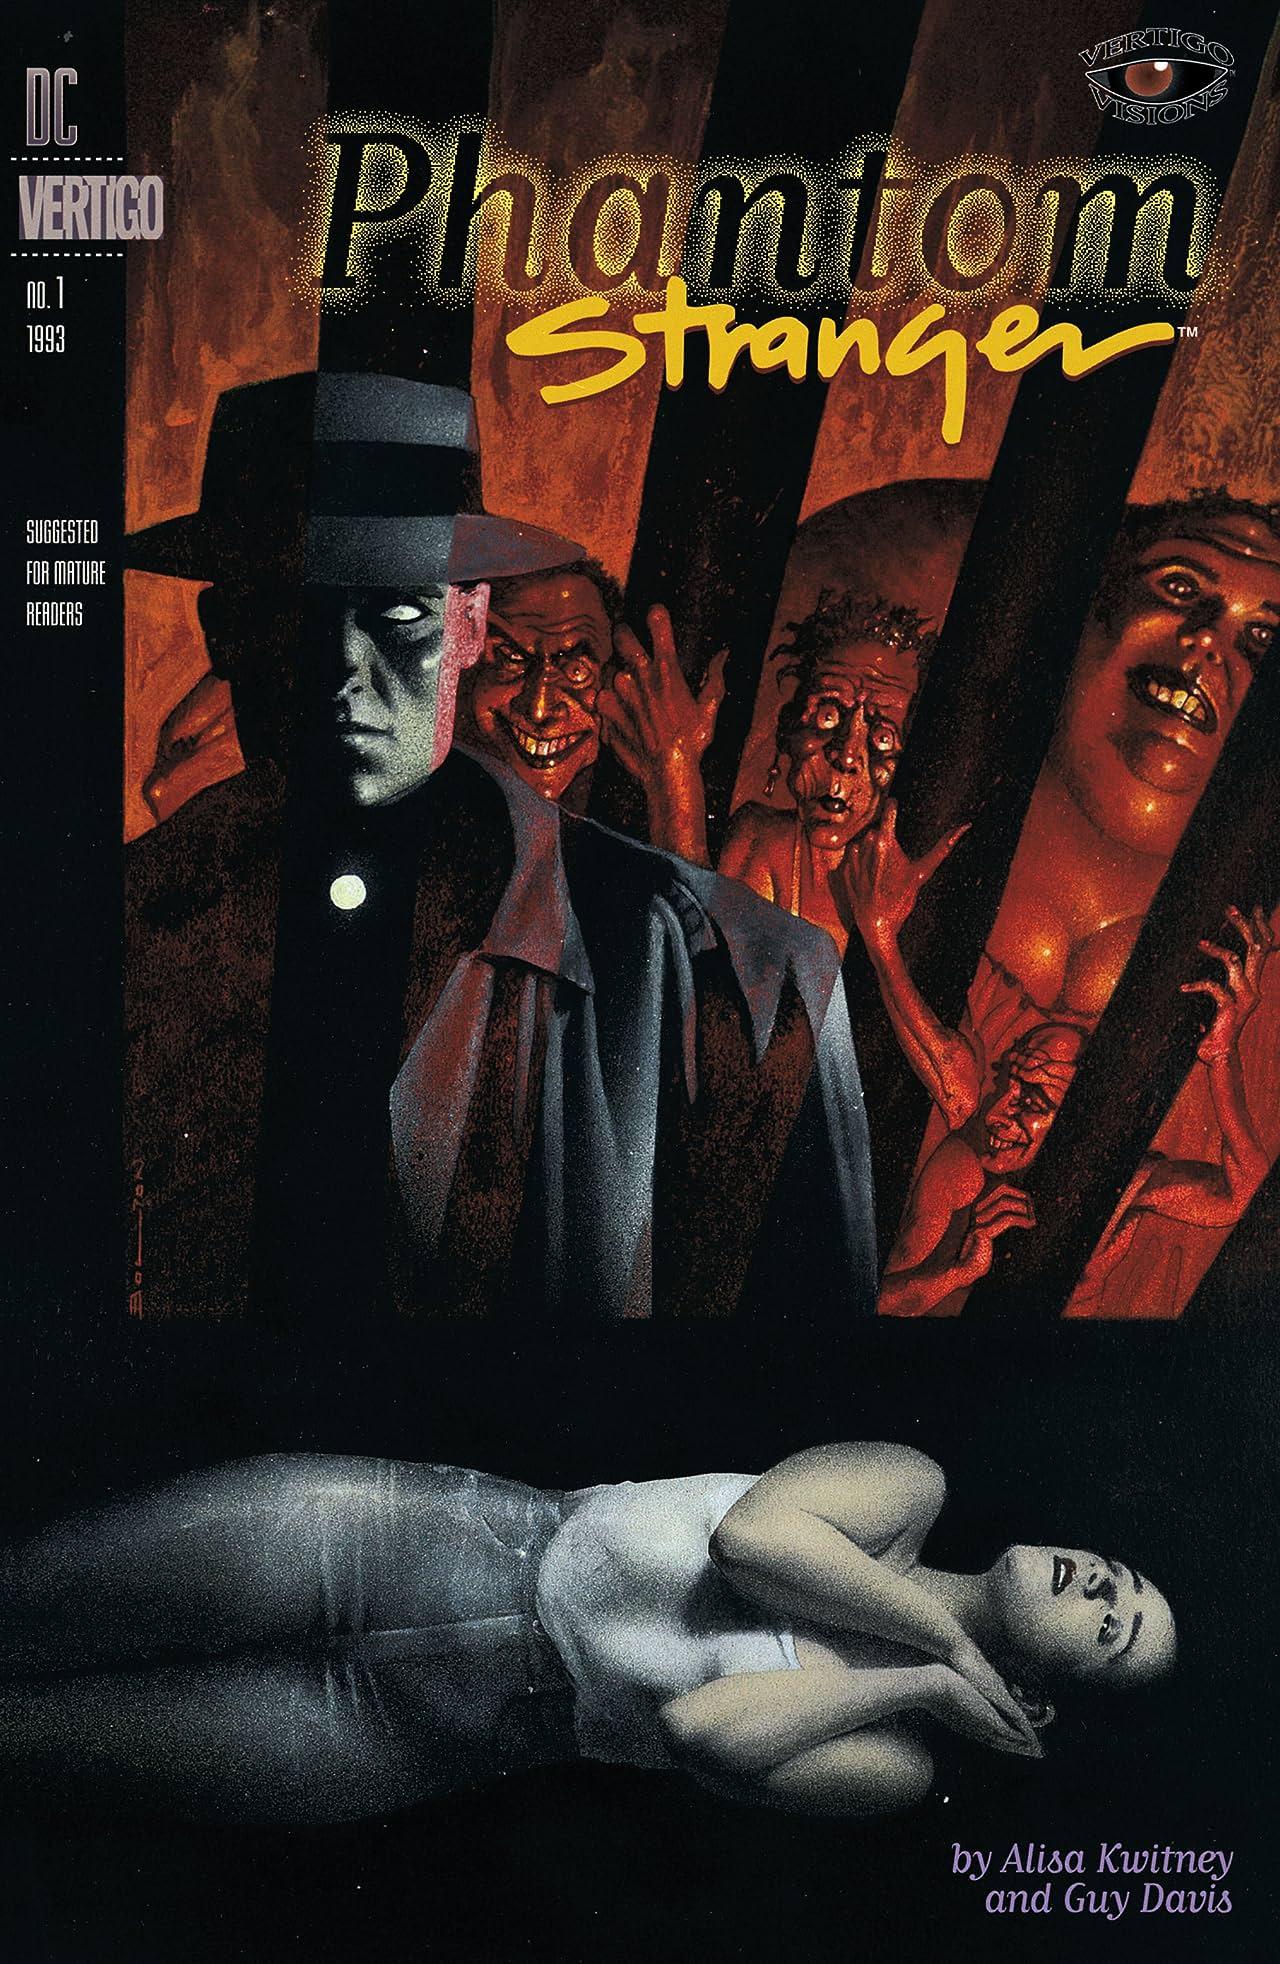 Vertigo Visions - The Phantom Stranger (1993) #1